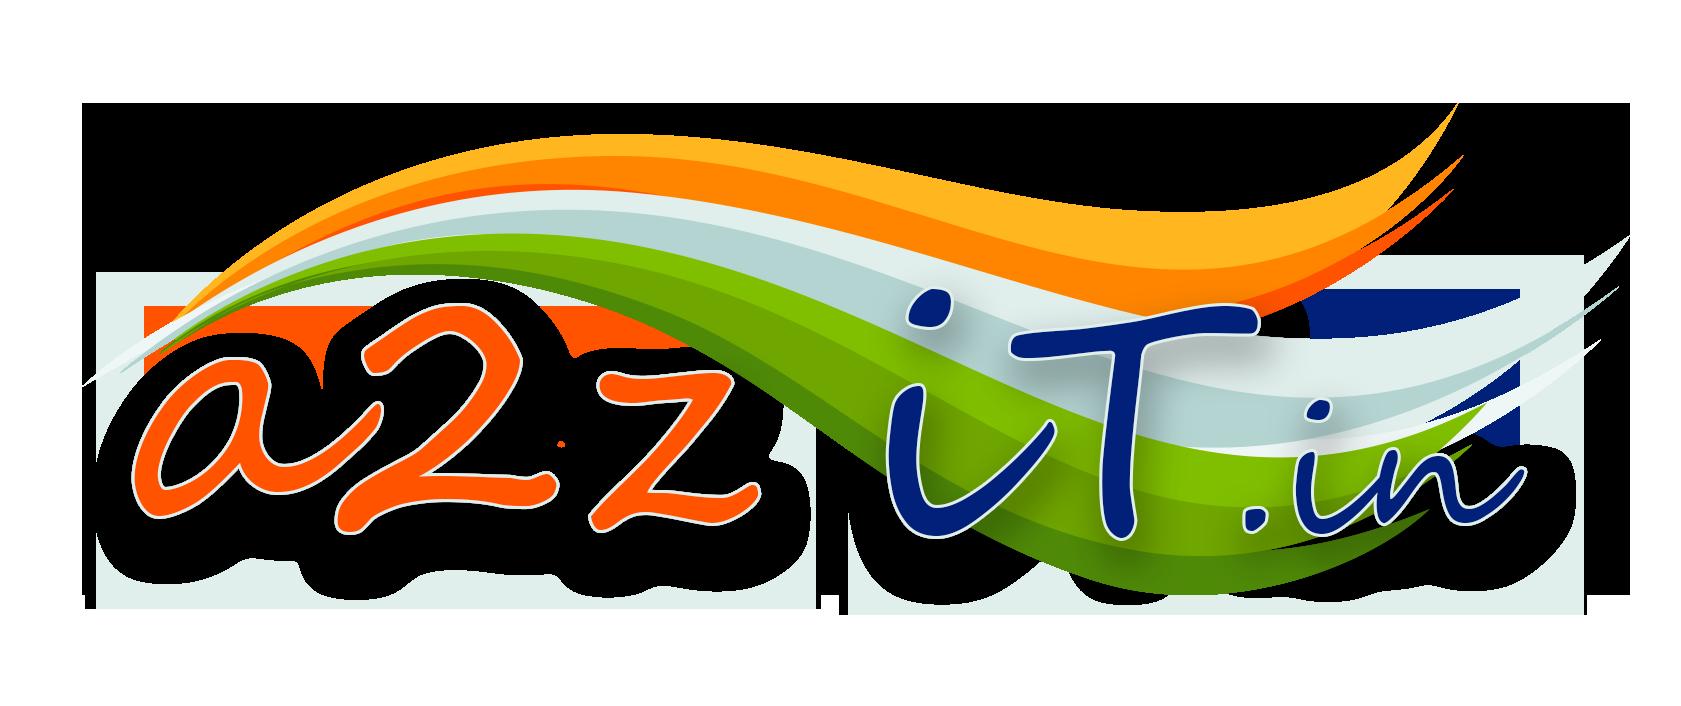 a2ziT